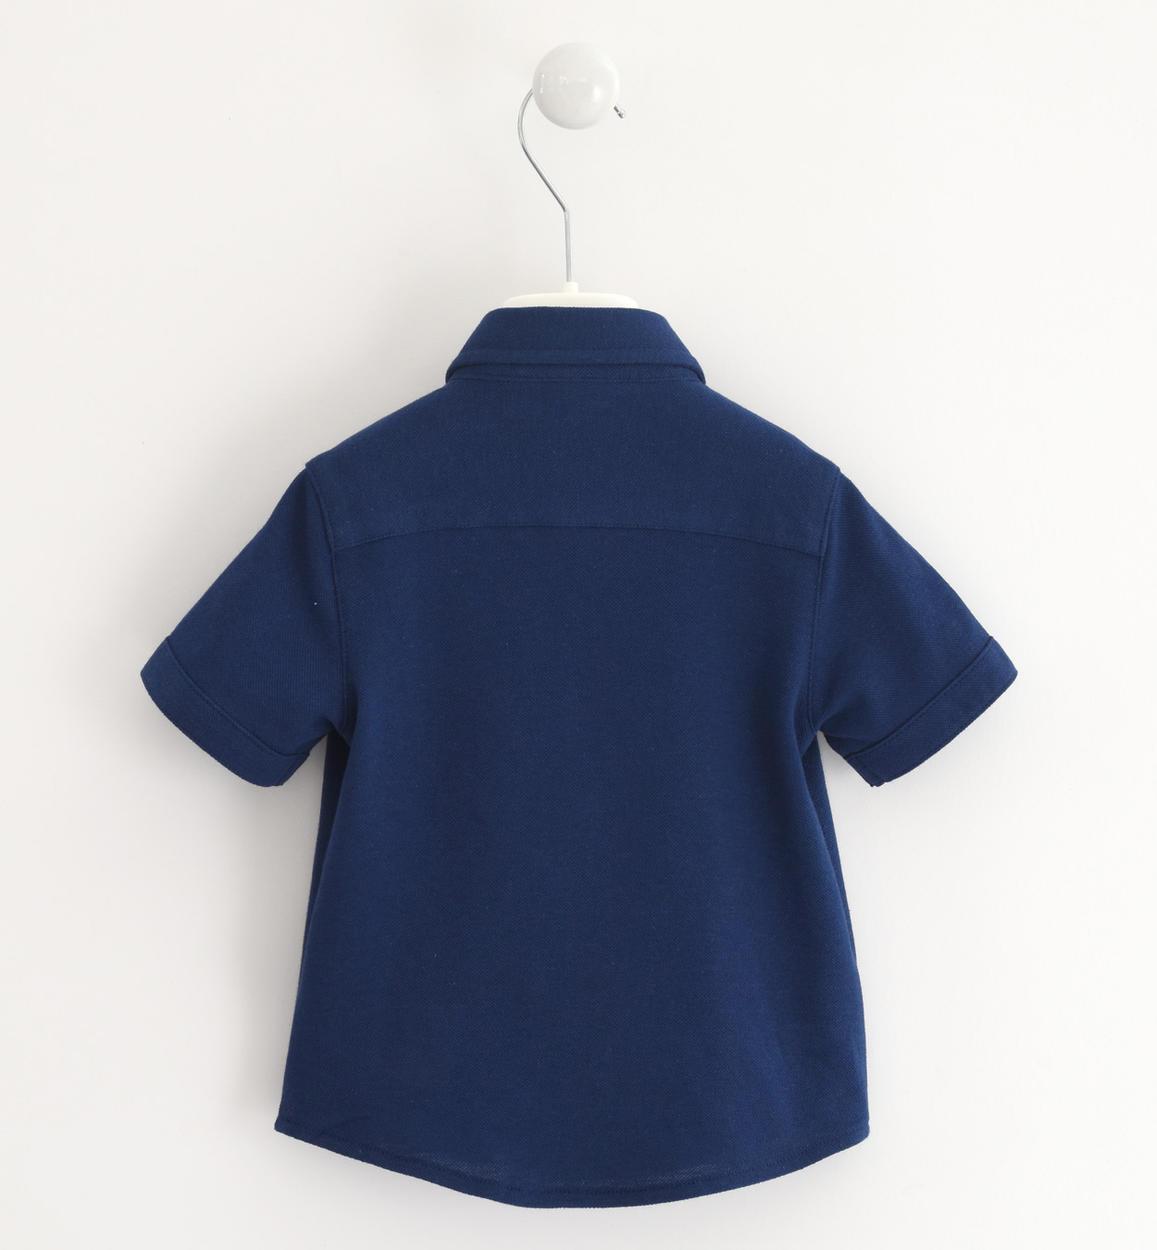 camicia bambino a manica corta in comodo navy retro 02 1194j67000 3547 150x150